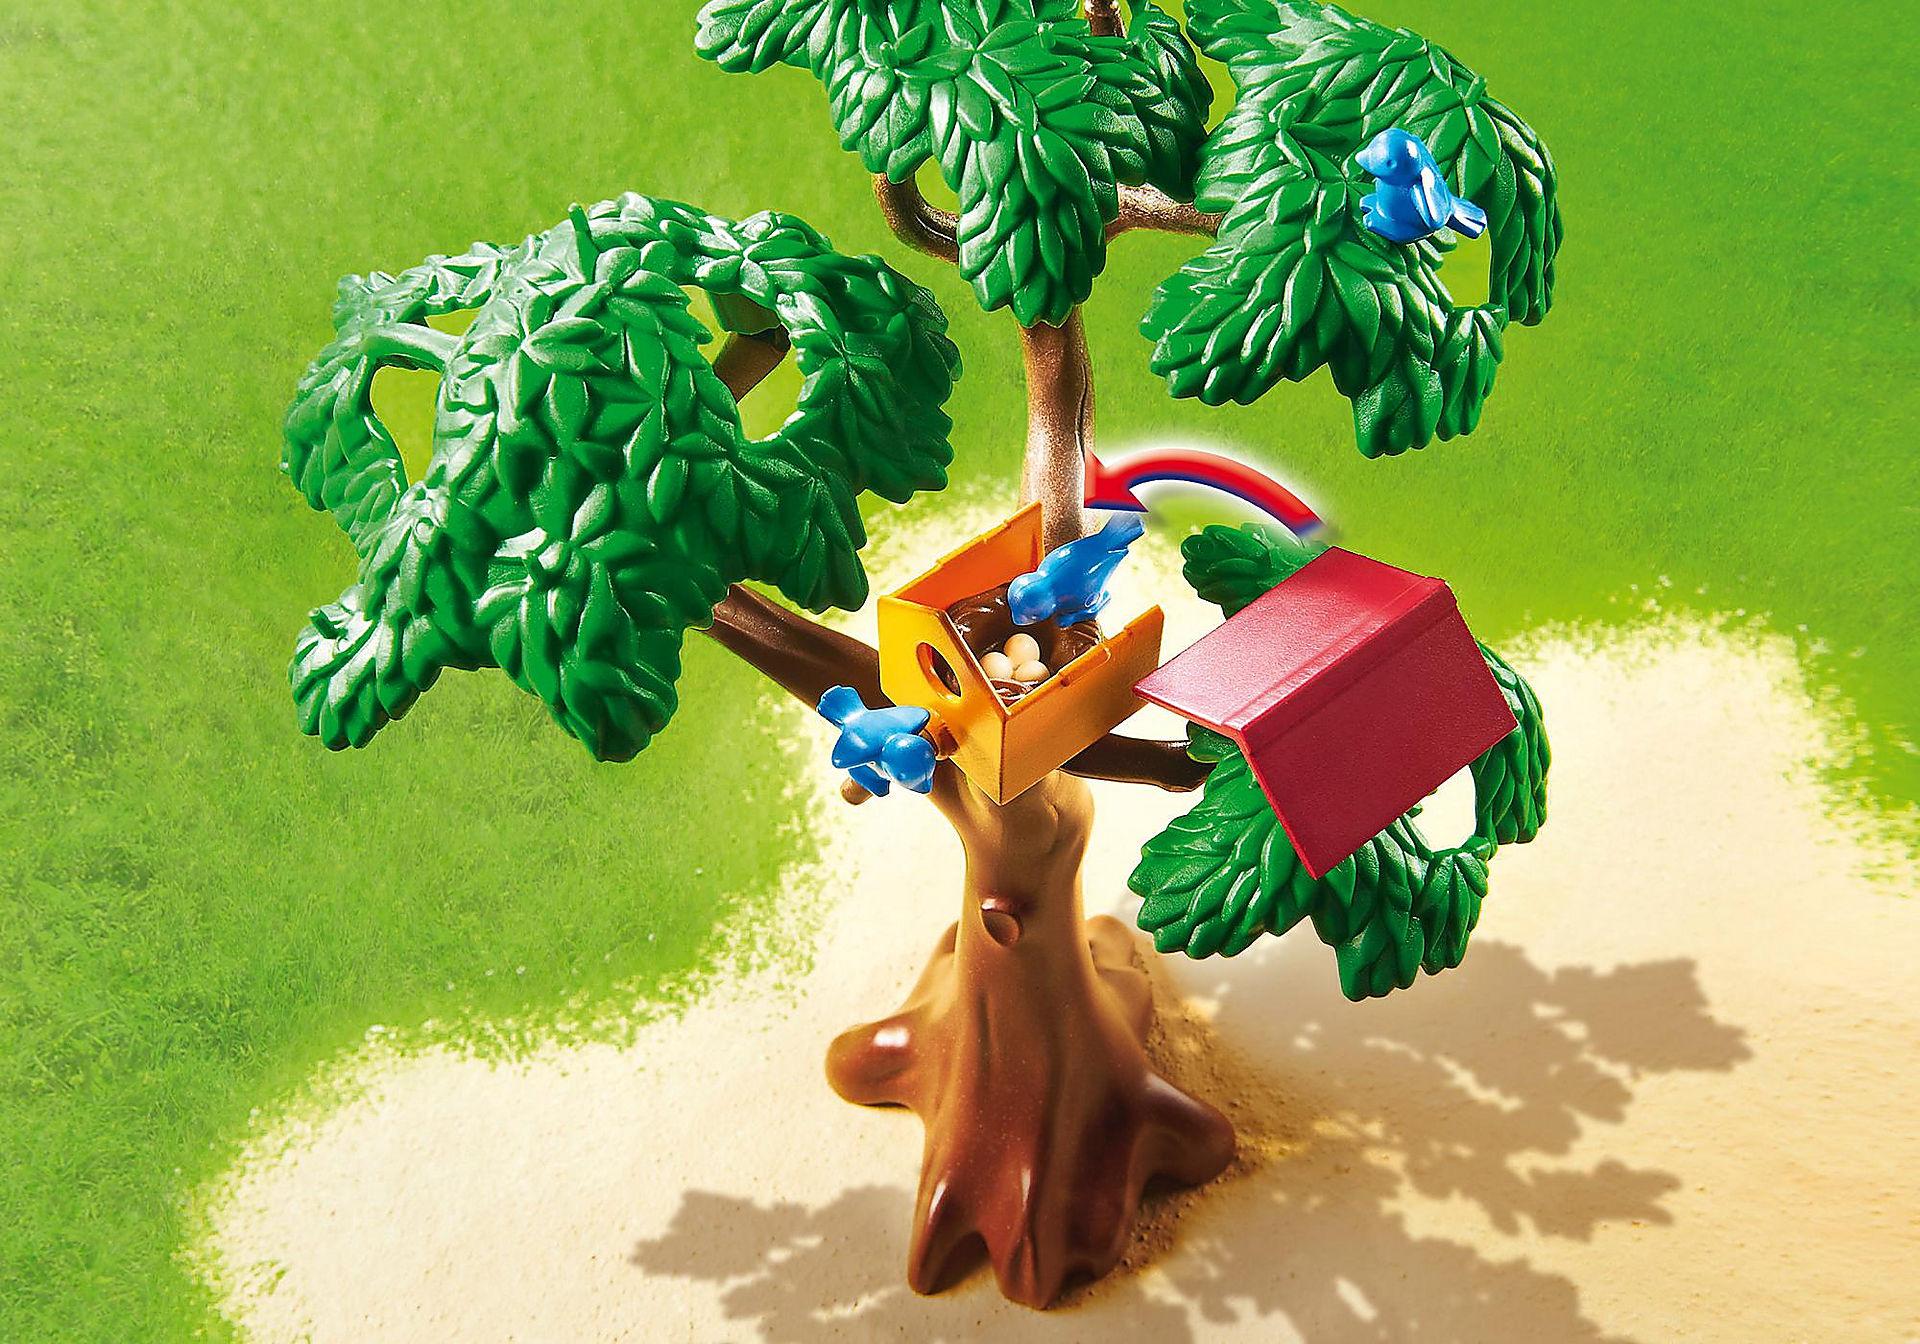 http://media.playmobil.com/i/playmobil/6811_product_extra3/Maison forestière